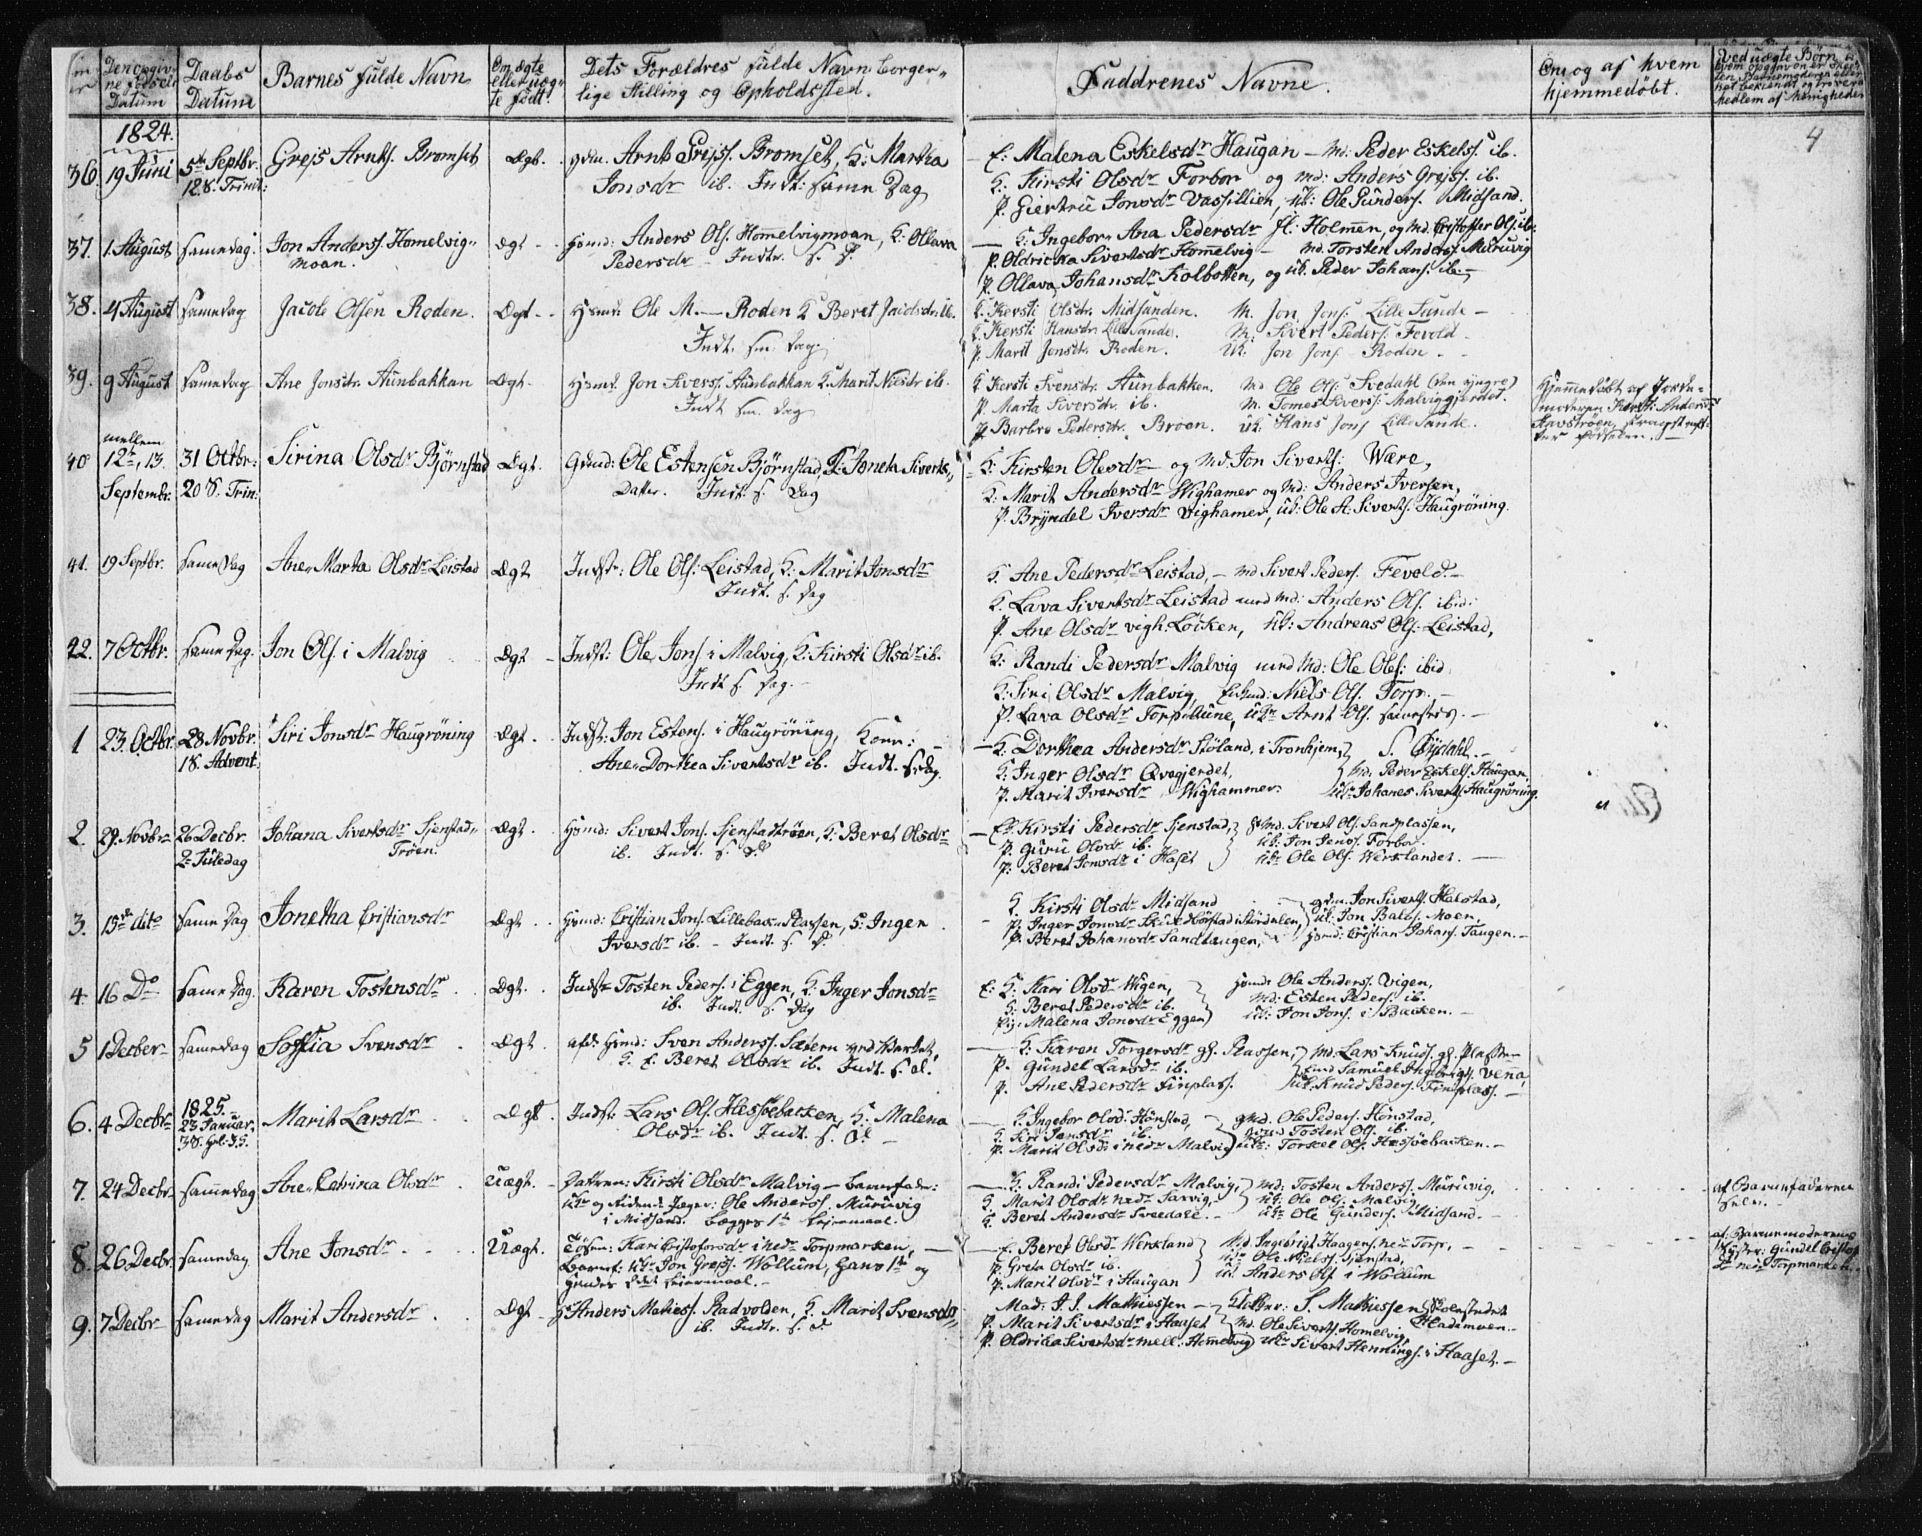 SAT, Ministerialprotokoller, klokkerbøker og fødselsregistre - Sør-Trøndelag, 616/L0404: Ministerialbok nr. 616A01, 1823-1831, s. 4